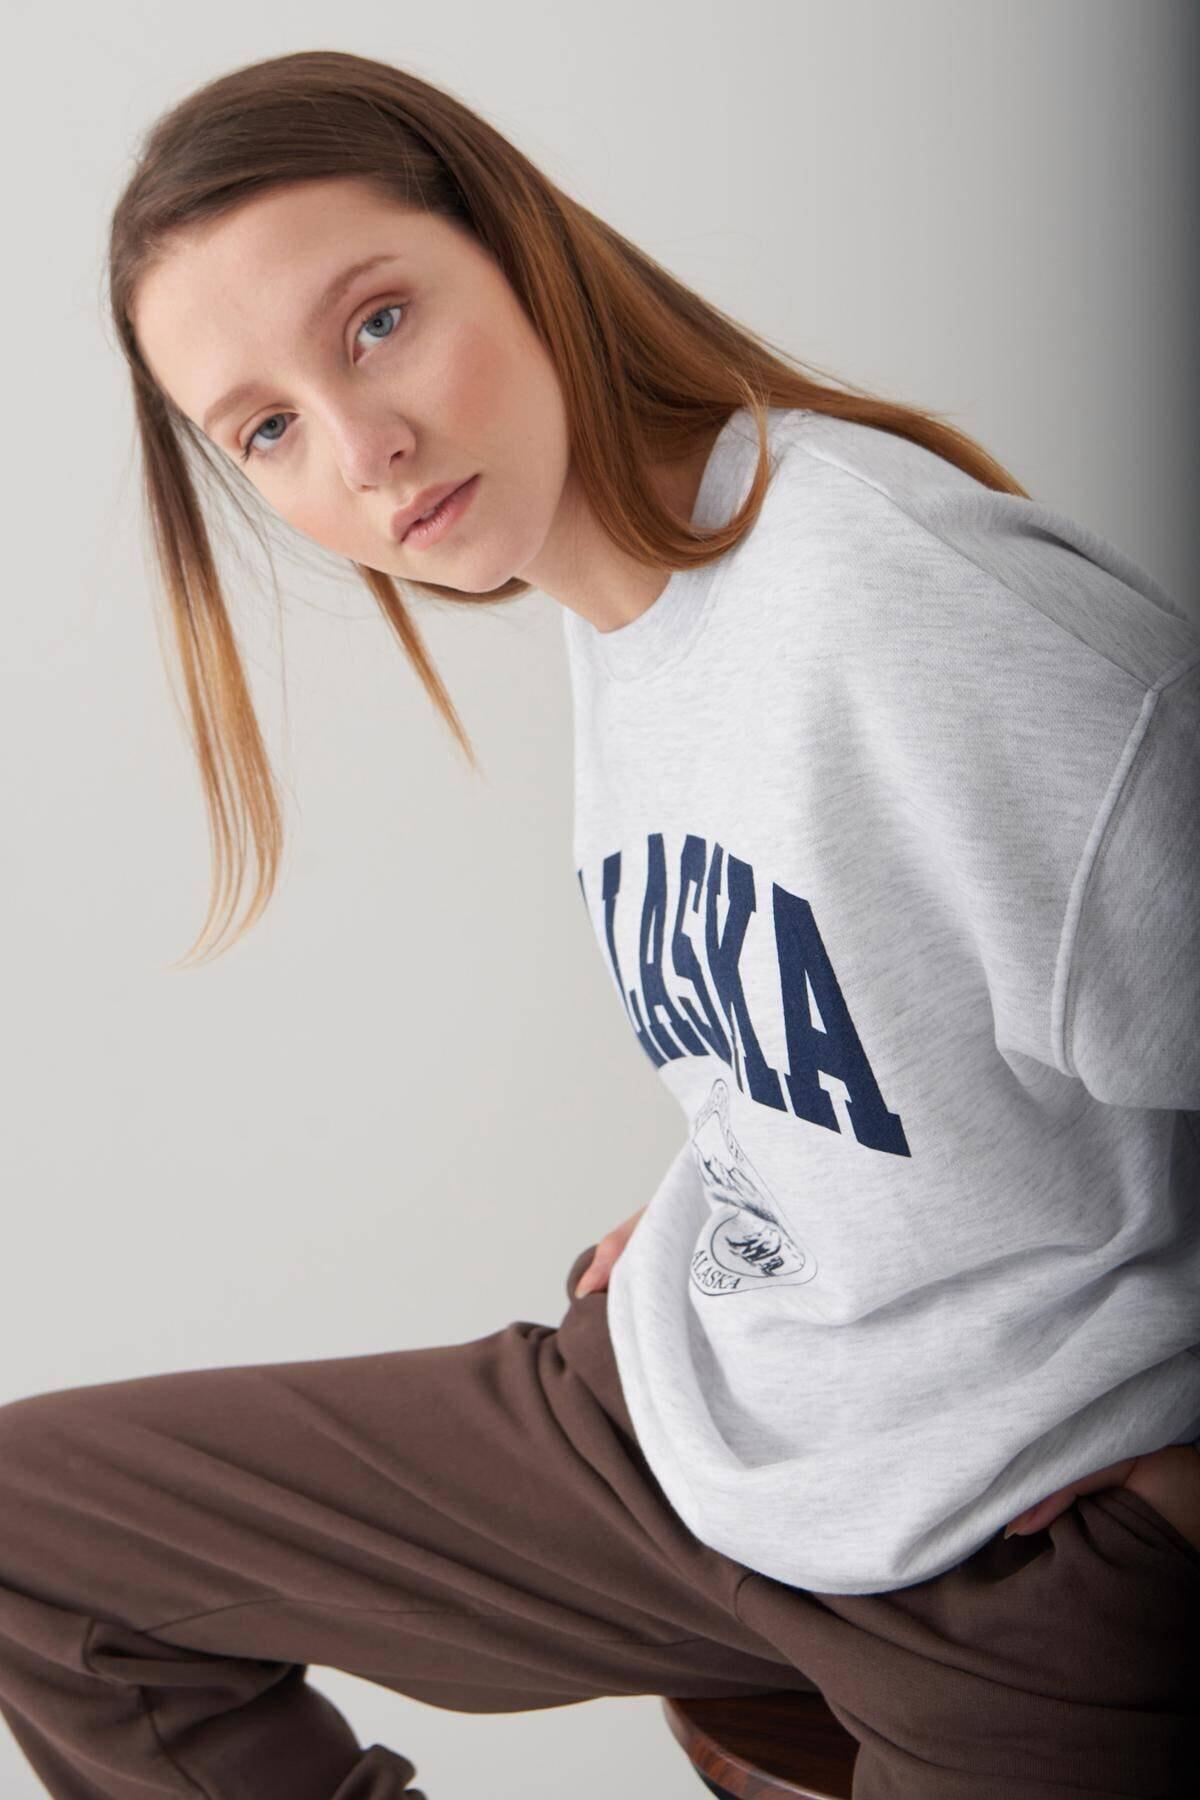 Addax Kadın Kar Melanj Baskılı Sweatshirt S9516 - W4 Adx-0000023575 3